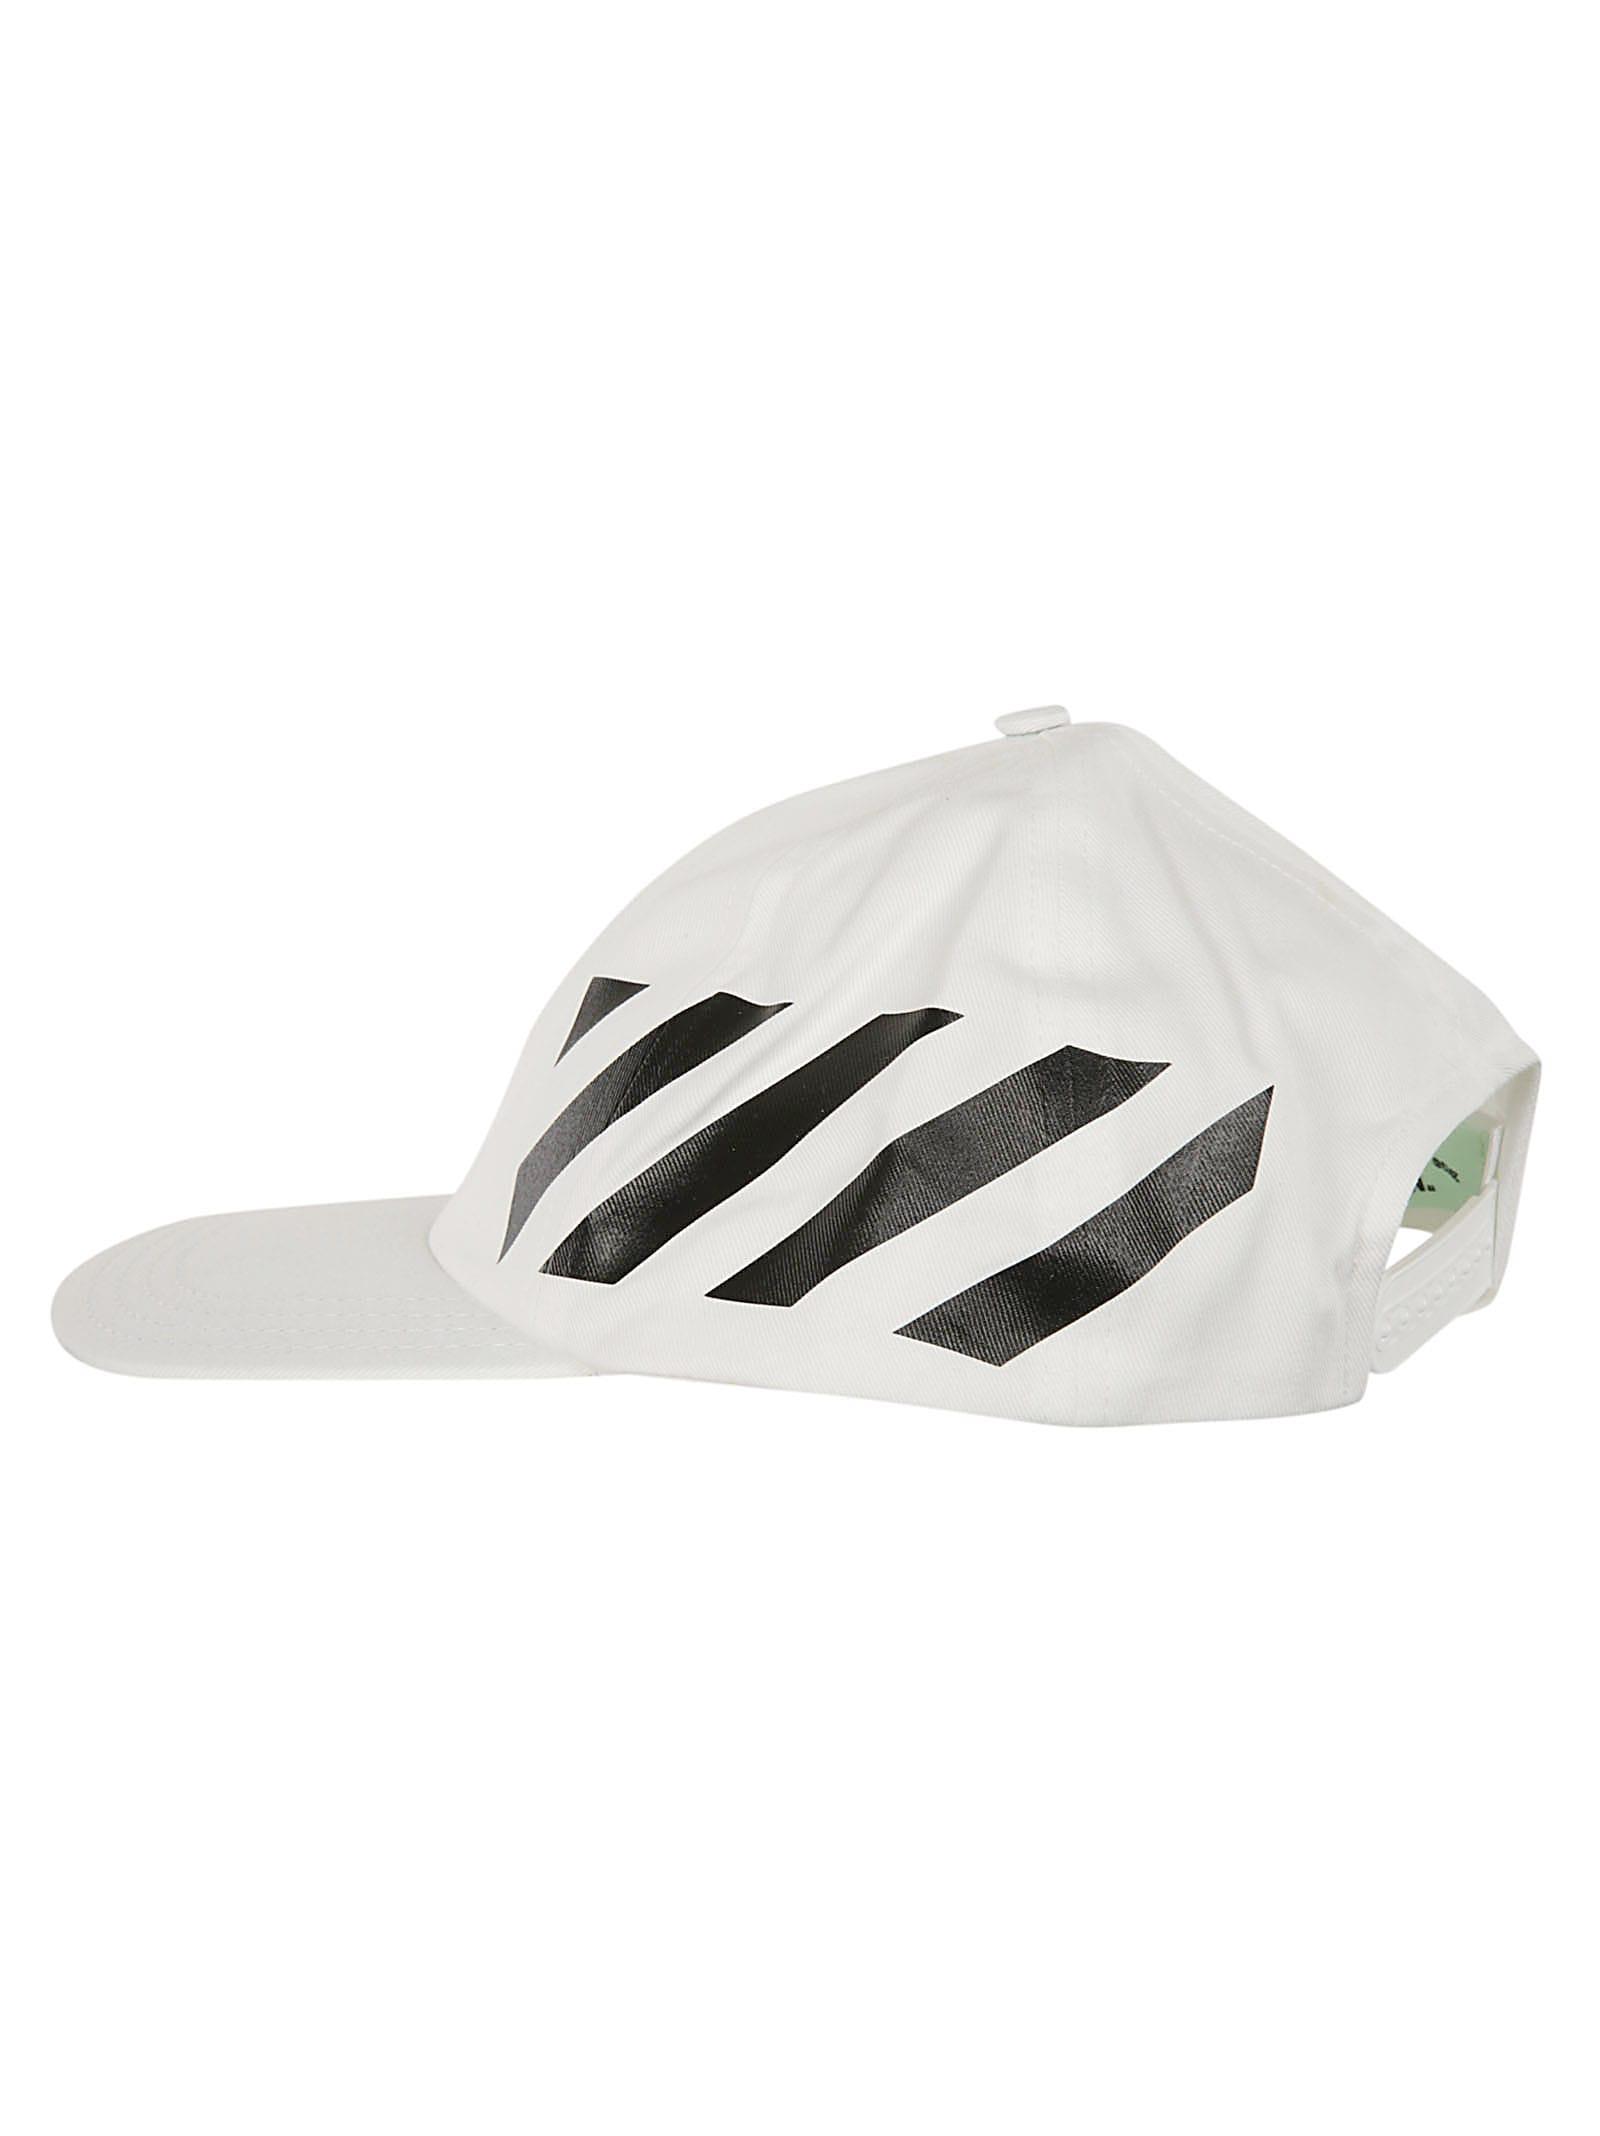 6f5f342f2 Off-White Off-White Diag Baseball Cap